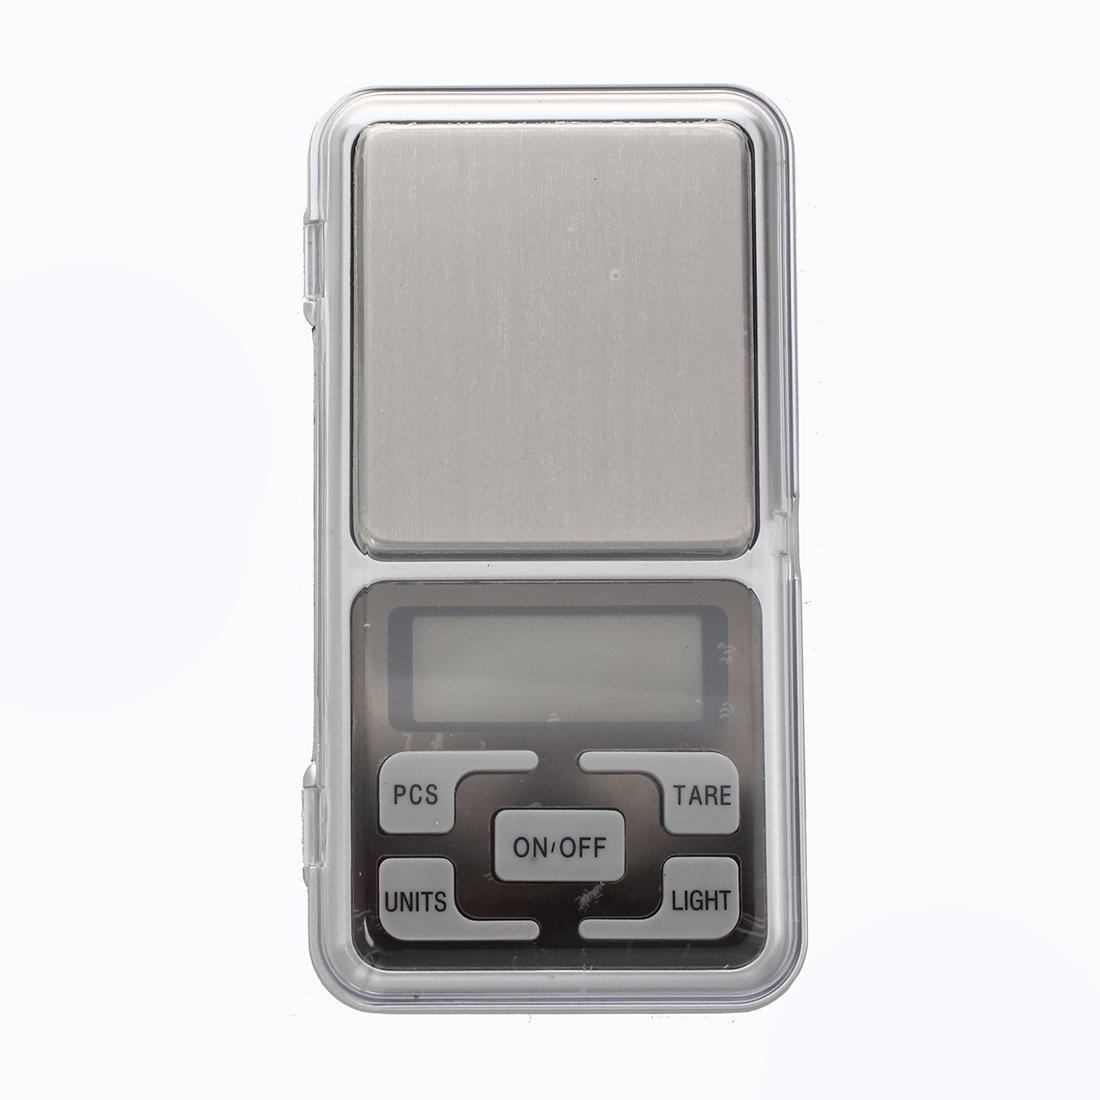 TOOGOO(R) balance echelle de poids numerique de poche 0,1g x 500g